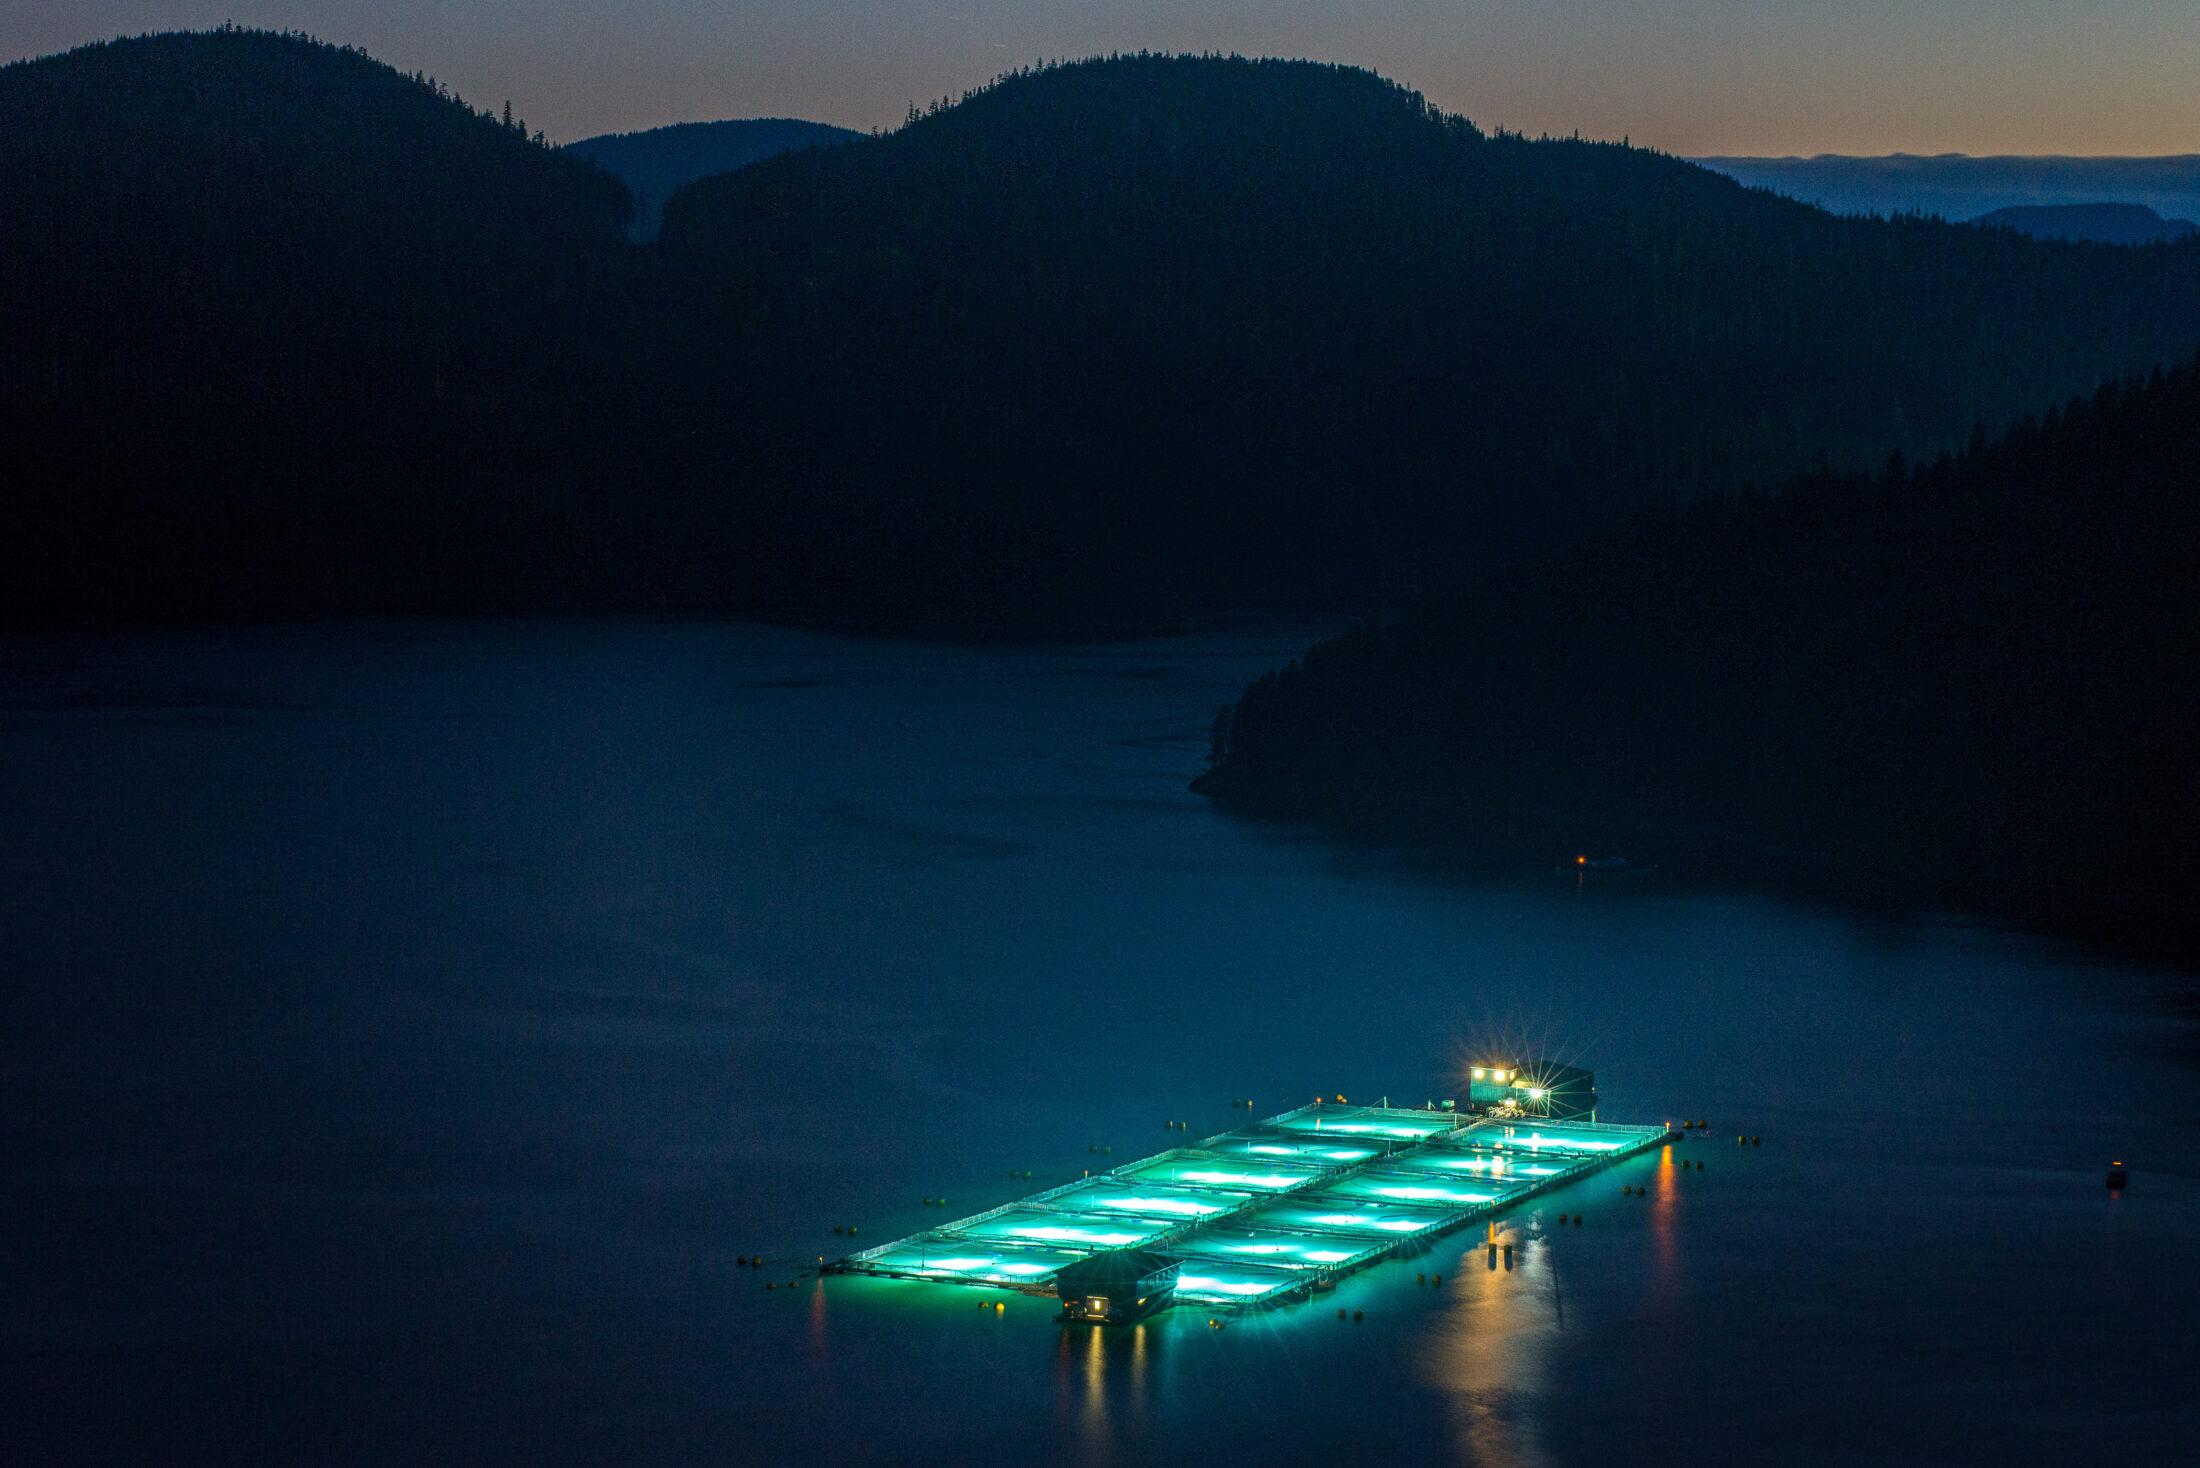 B.C. salmon farm